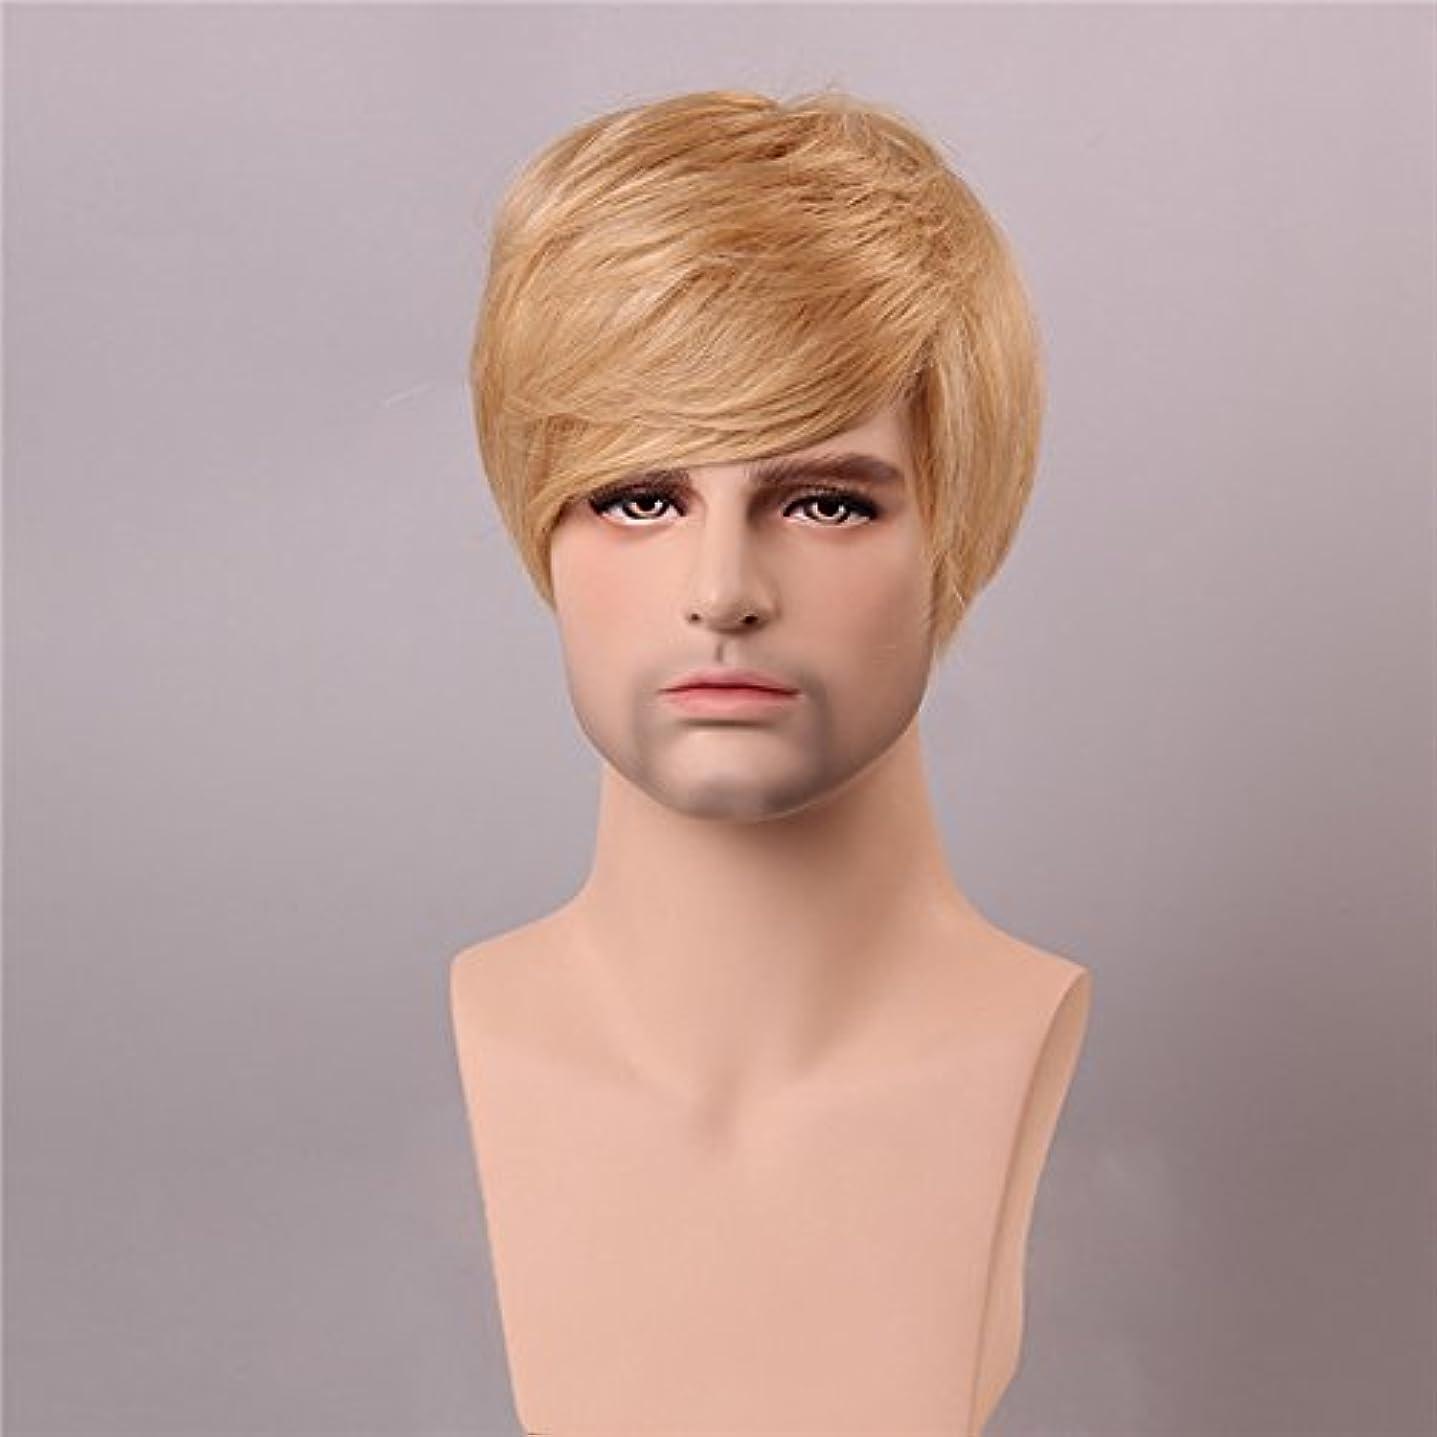 農学レタス剃るYZUEYT ブロンドの男性短いモノラルトップの人間の髪のかつら男性のヴァージンレミーキャップレスサイドバング YZUEYT (Size : One size)